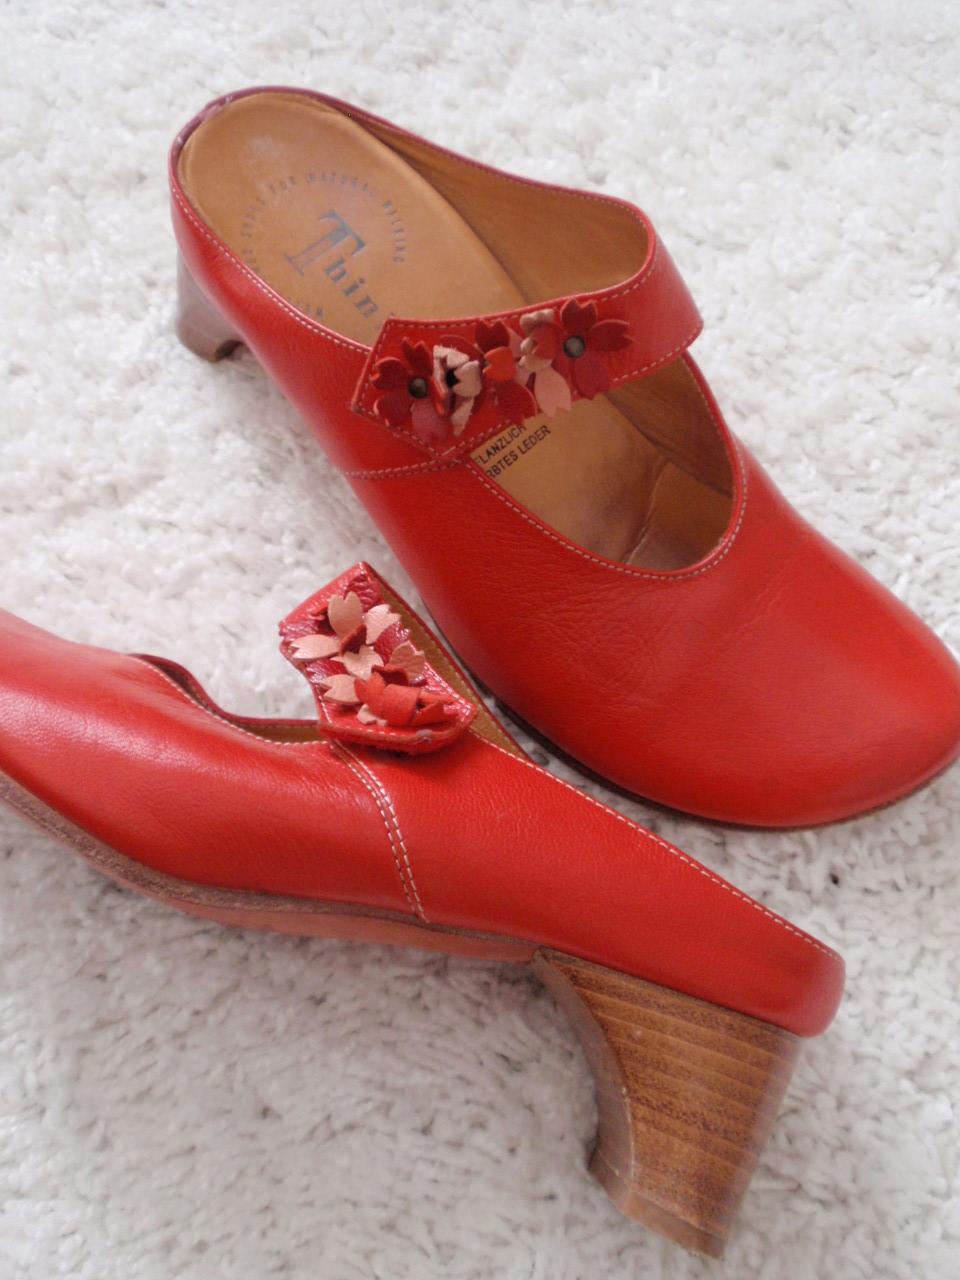 isot kengät Espoo